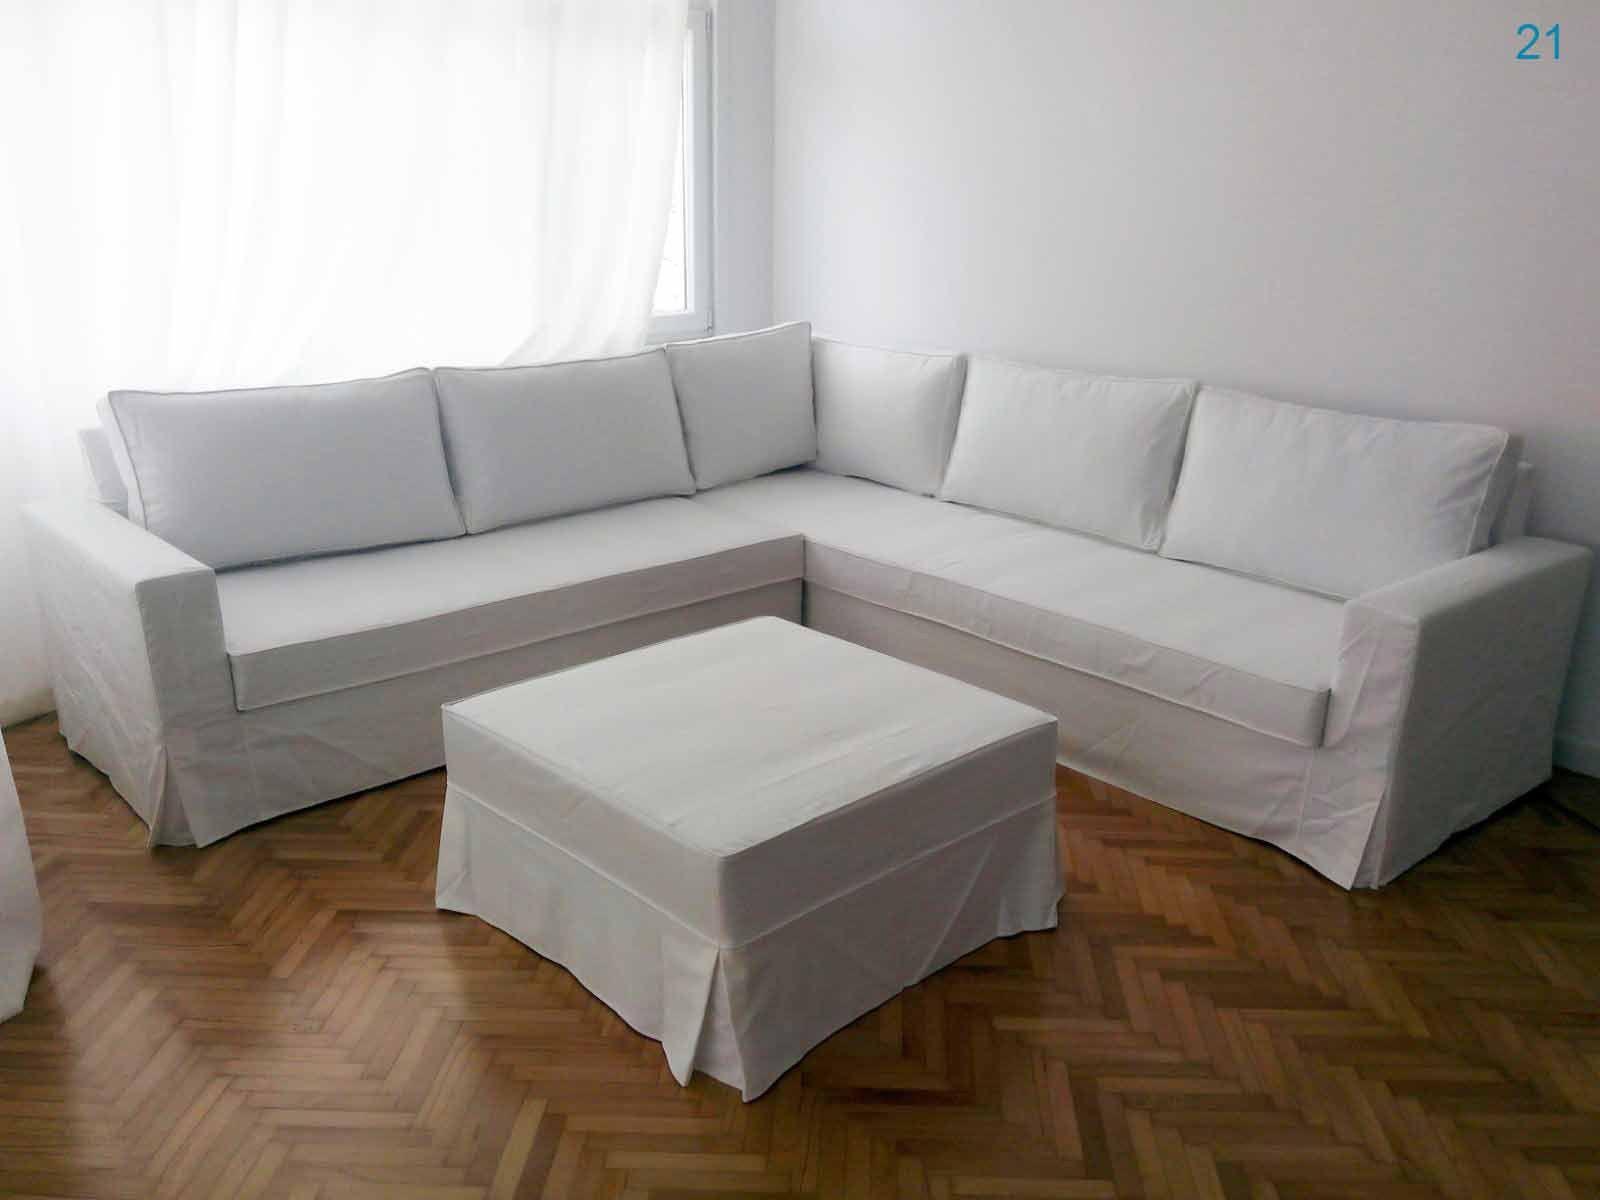 Ikea Koltuk Ortusu Benzersiz Koltuk Ortusu Funda Koltuk Ortusu Ikea Koltuklar Dekor